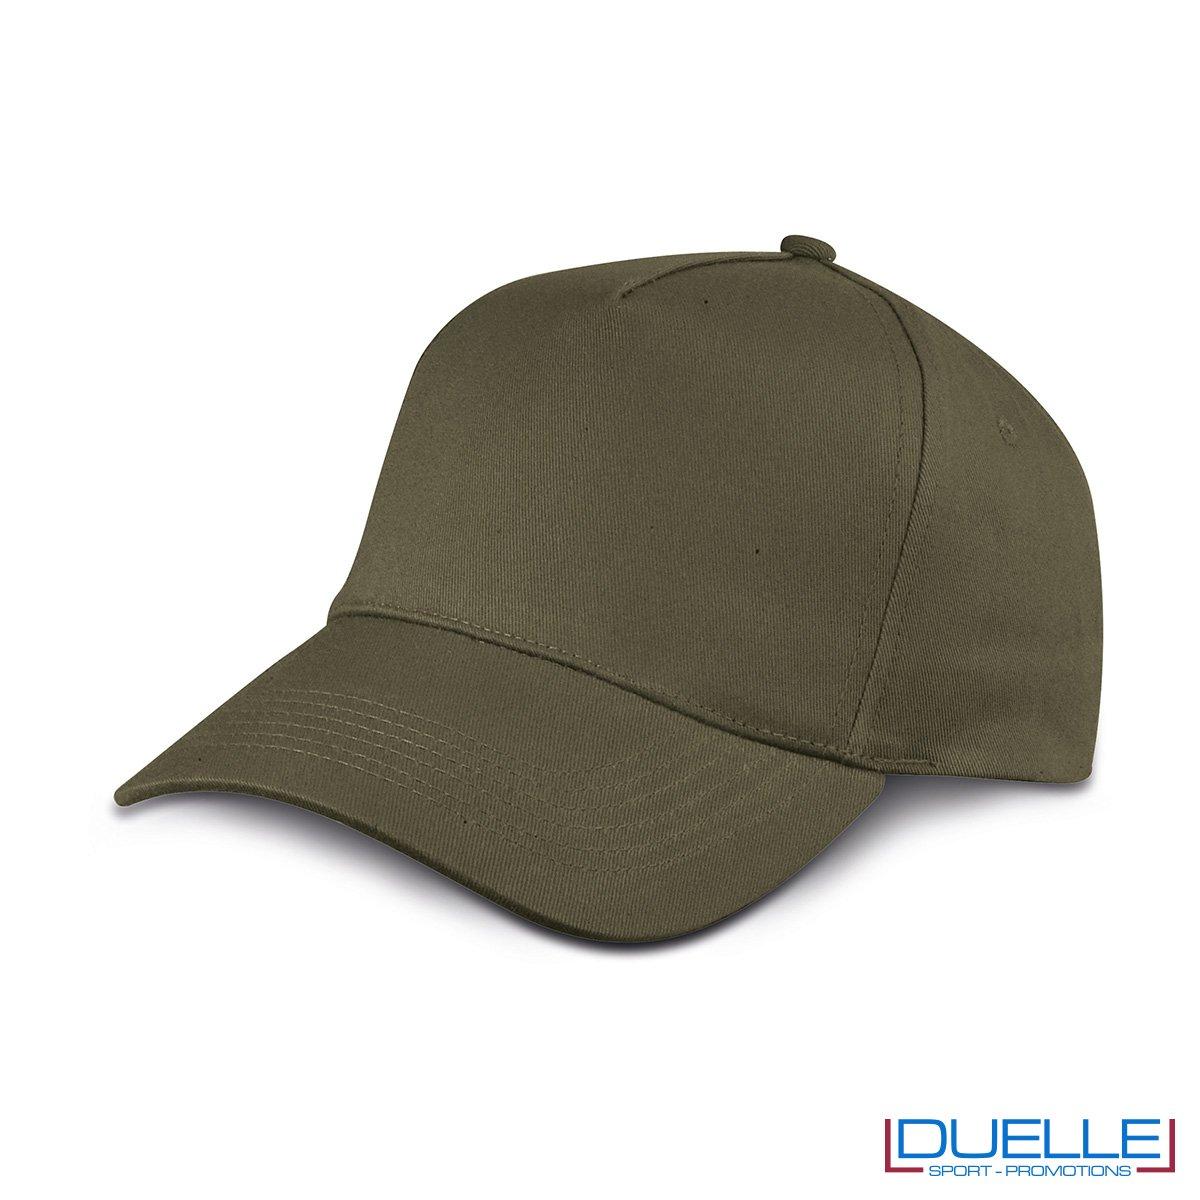 cappellino personalizzato golf a 5 pannelli colore verde militare